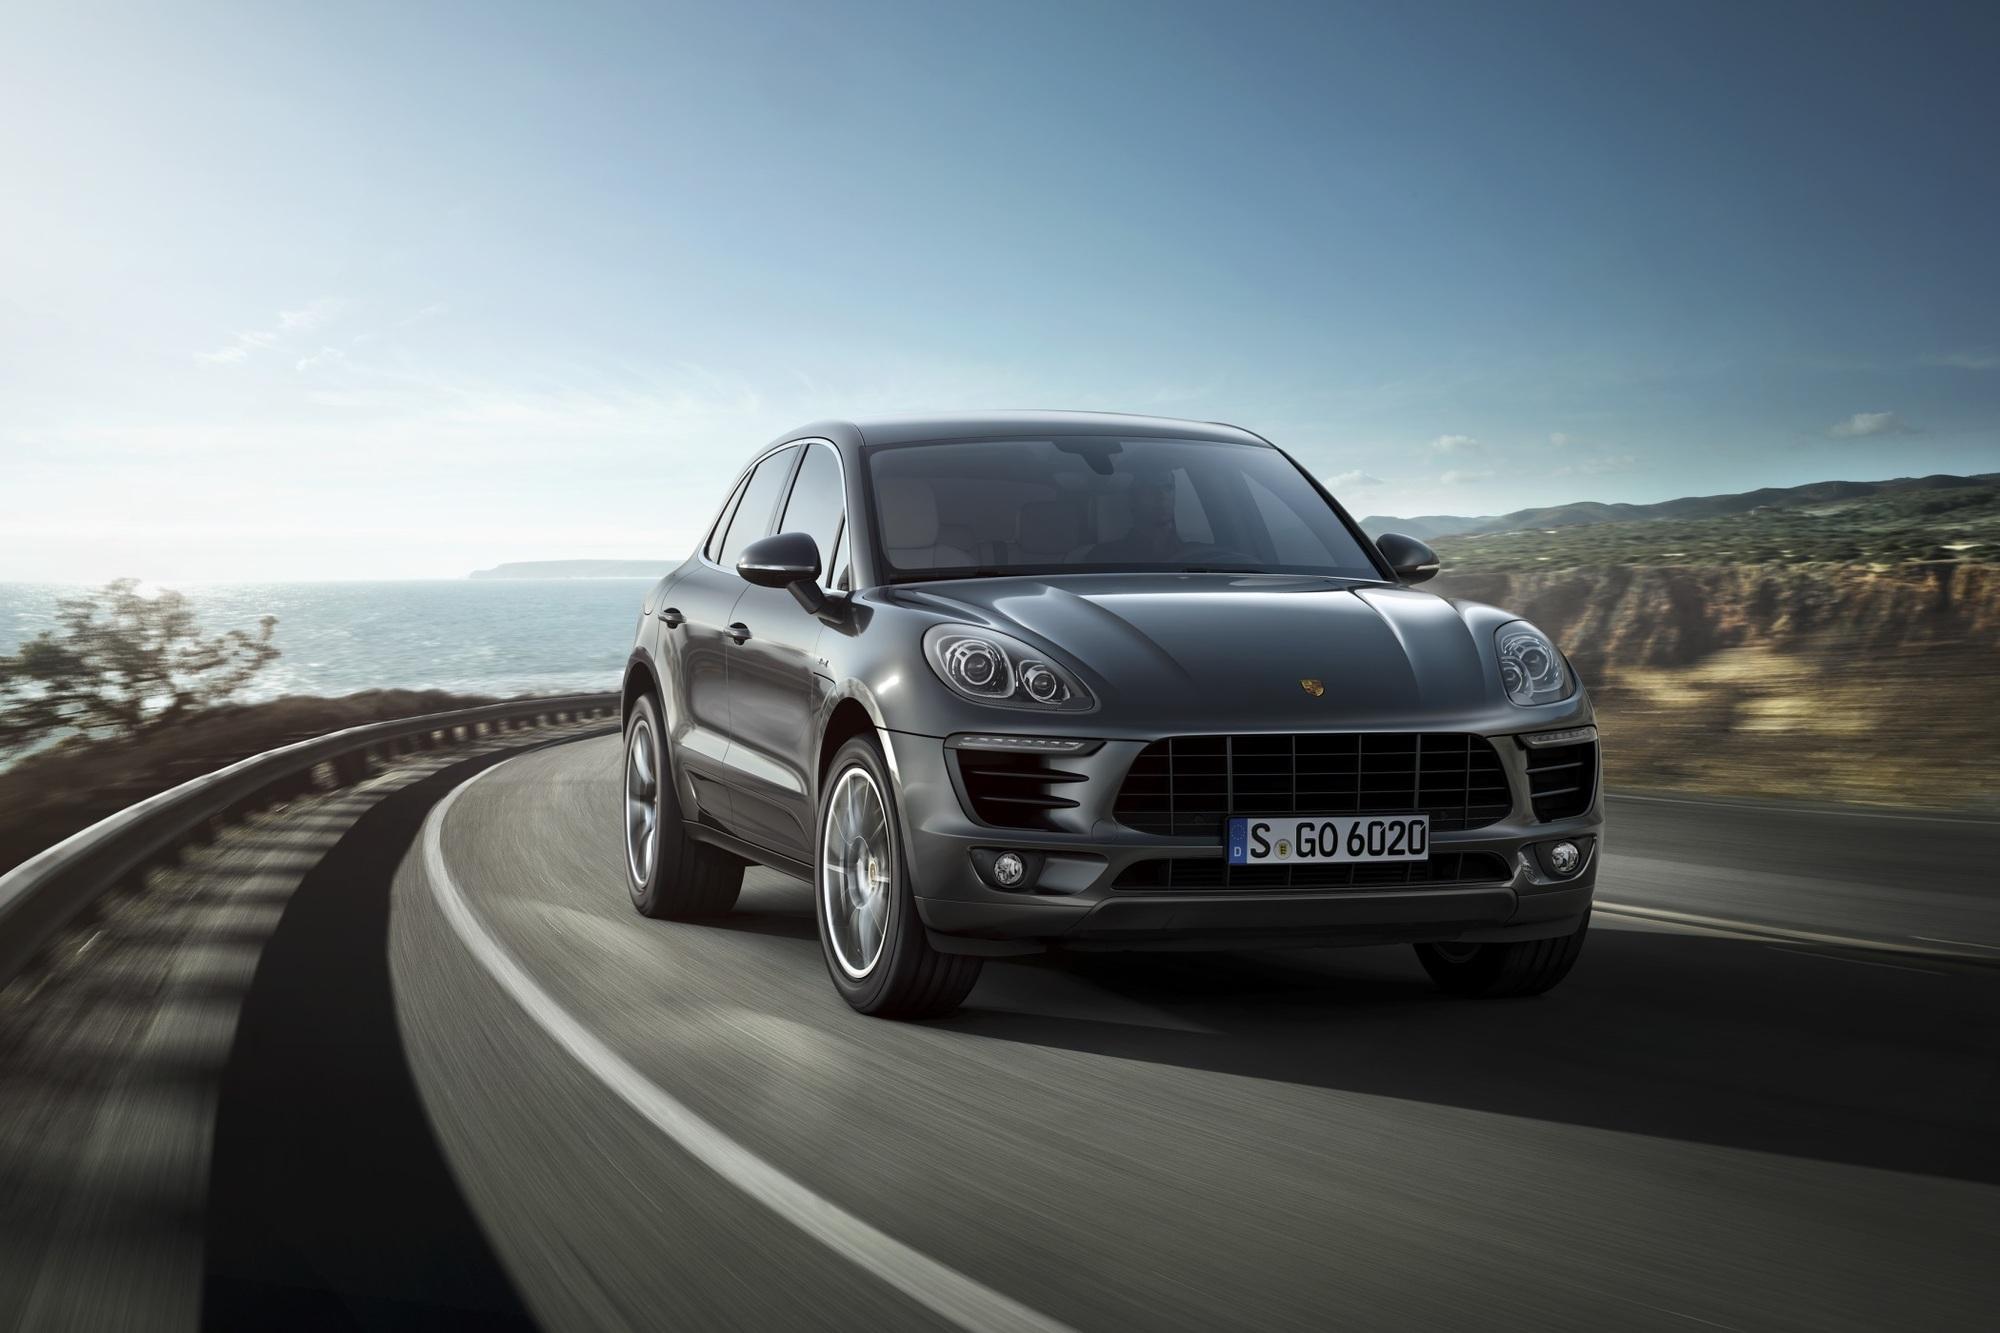 Eroberungsquoten in der Nische - Räuberischer Porsche Macan